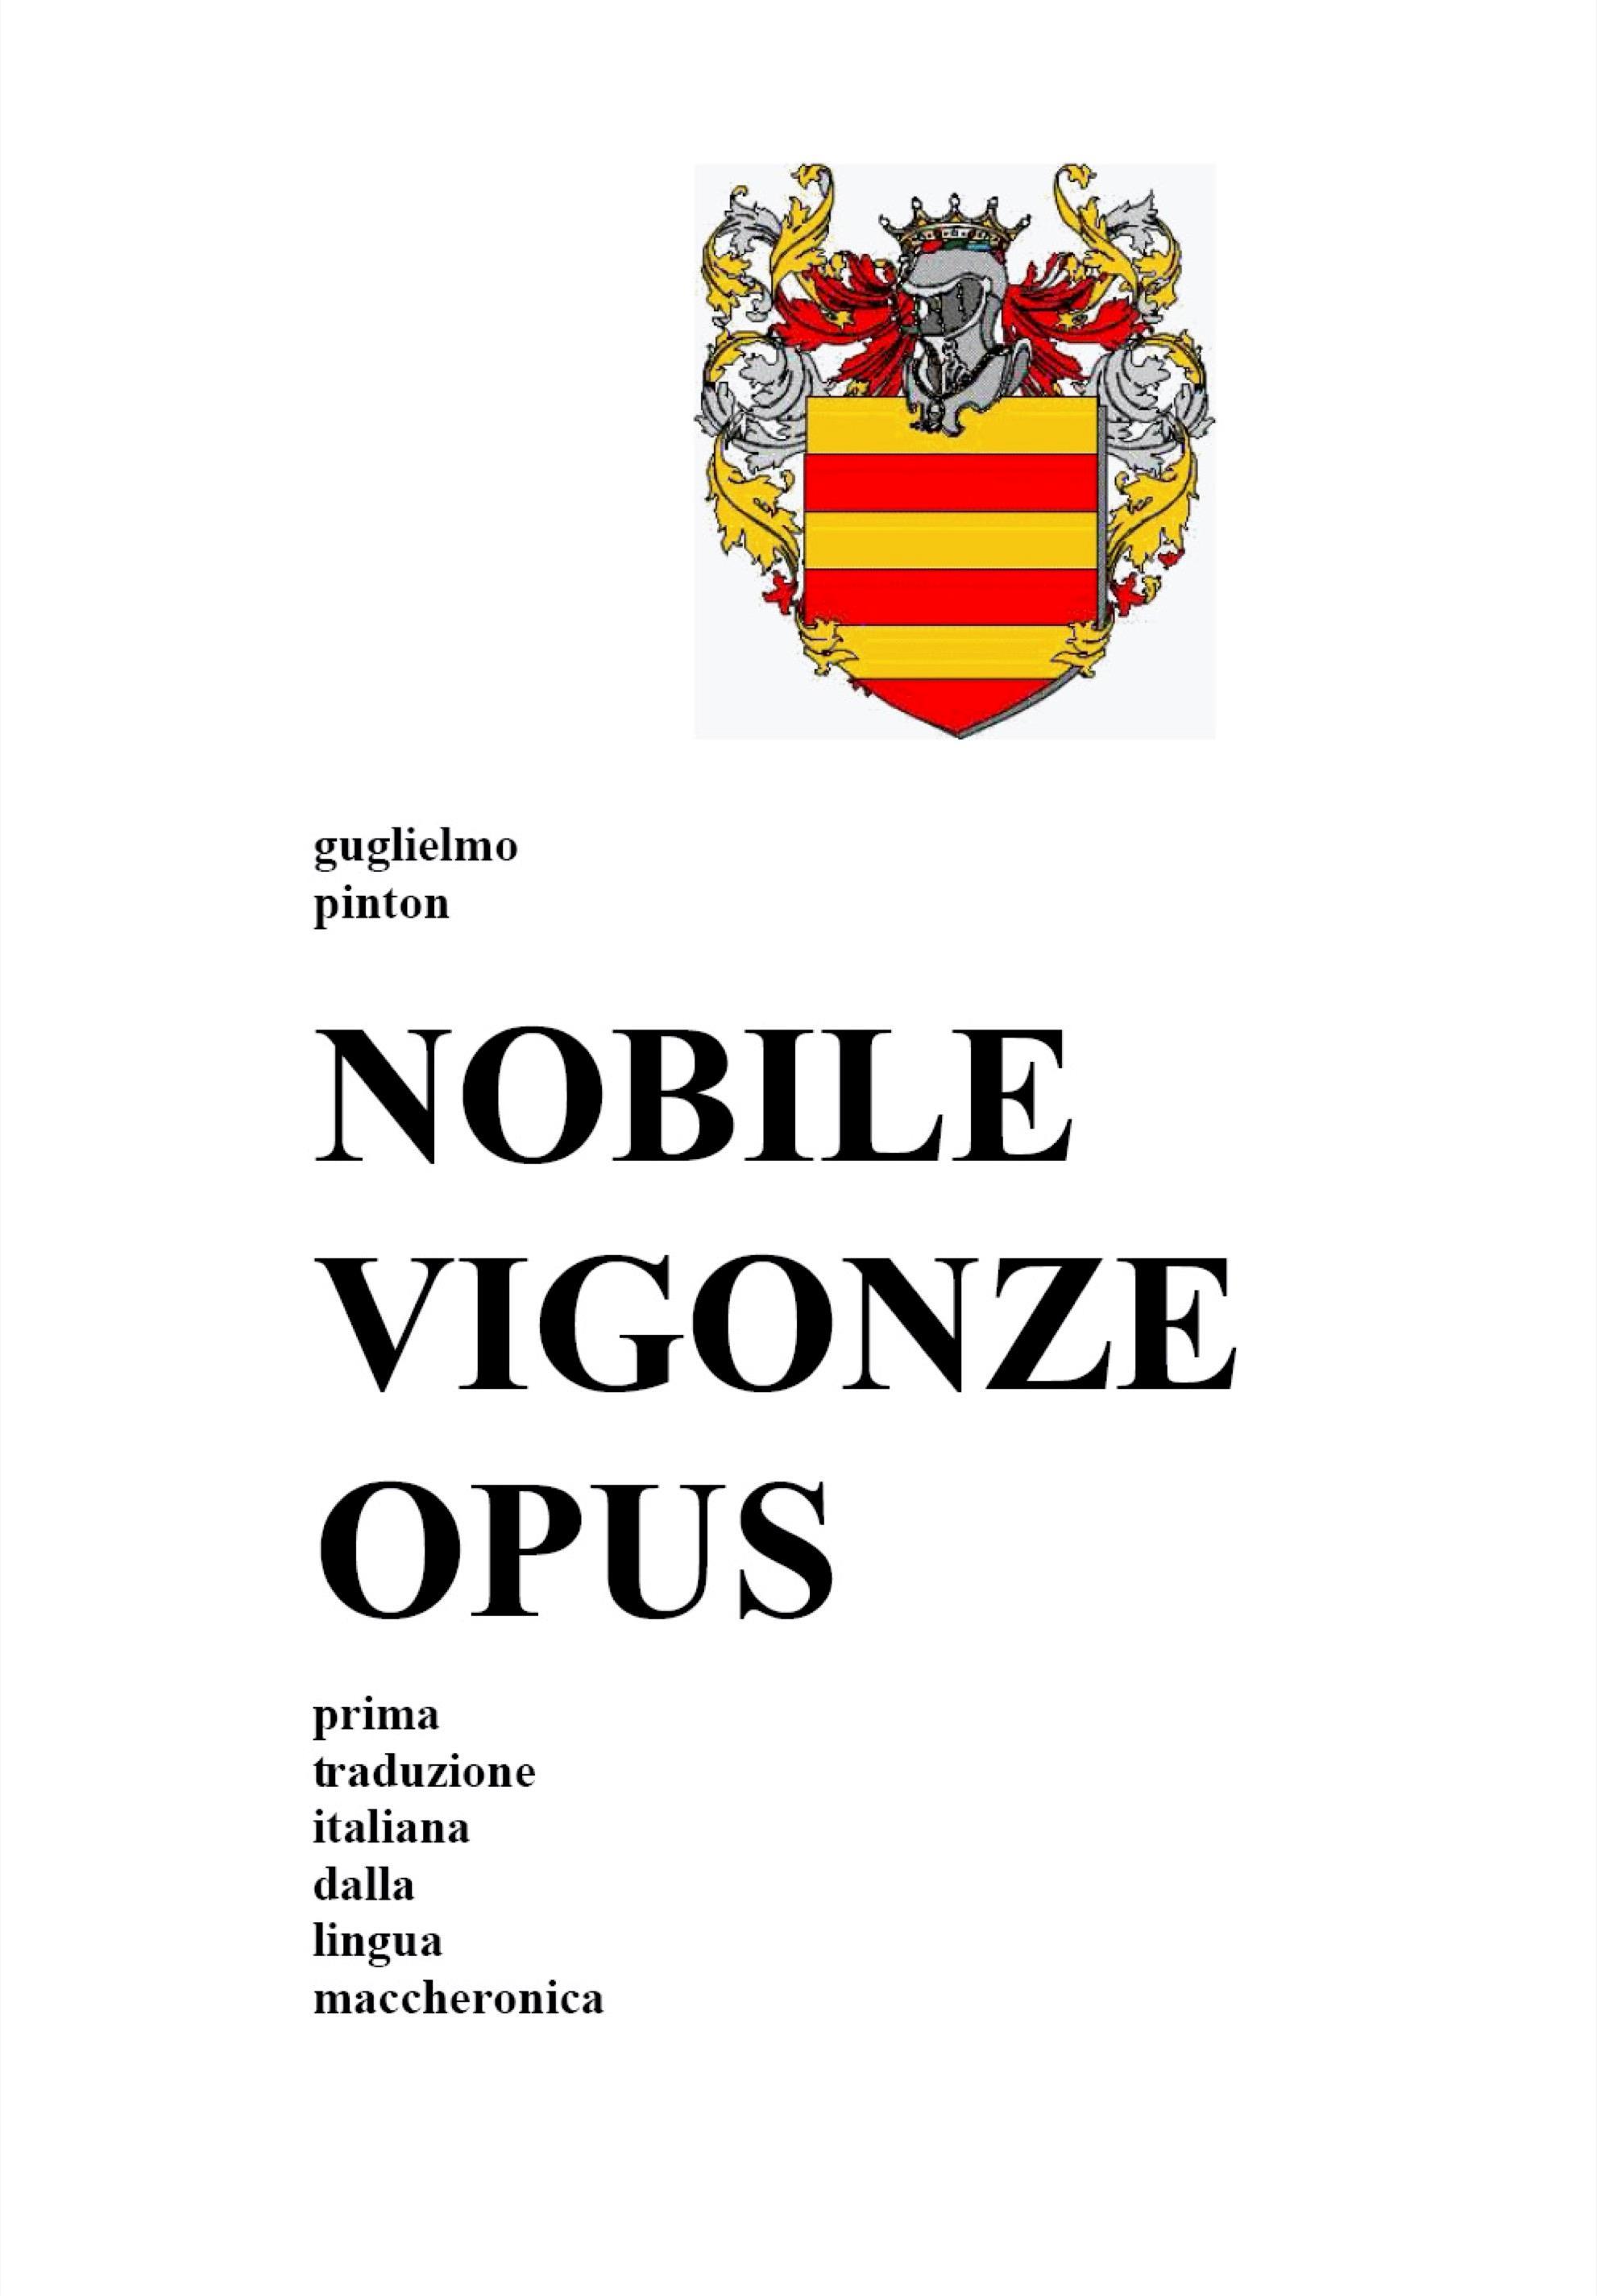 NOBILE VIGONZE OPUS. La Nobile Impresa del Conte Vigonza